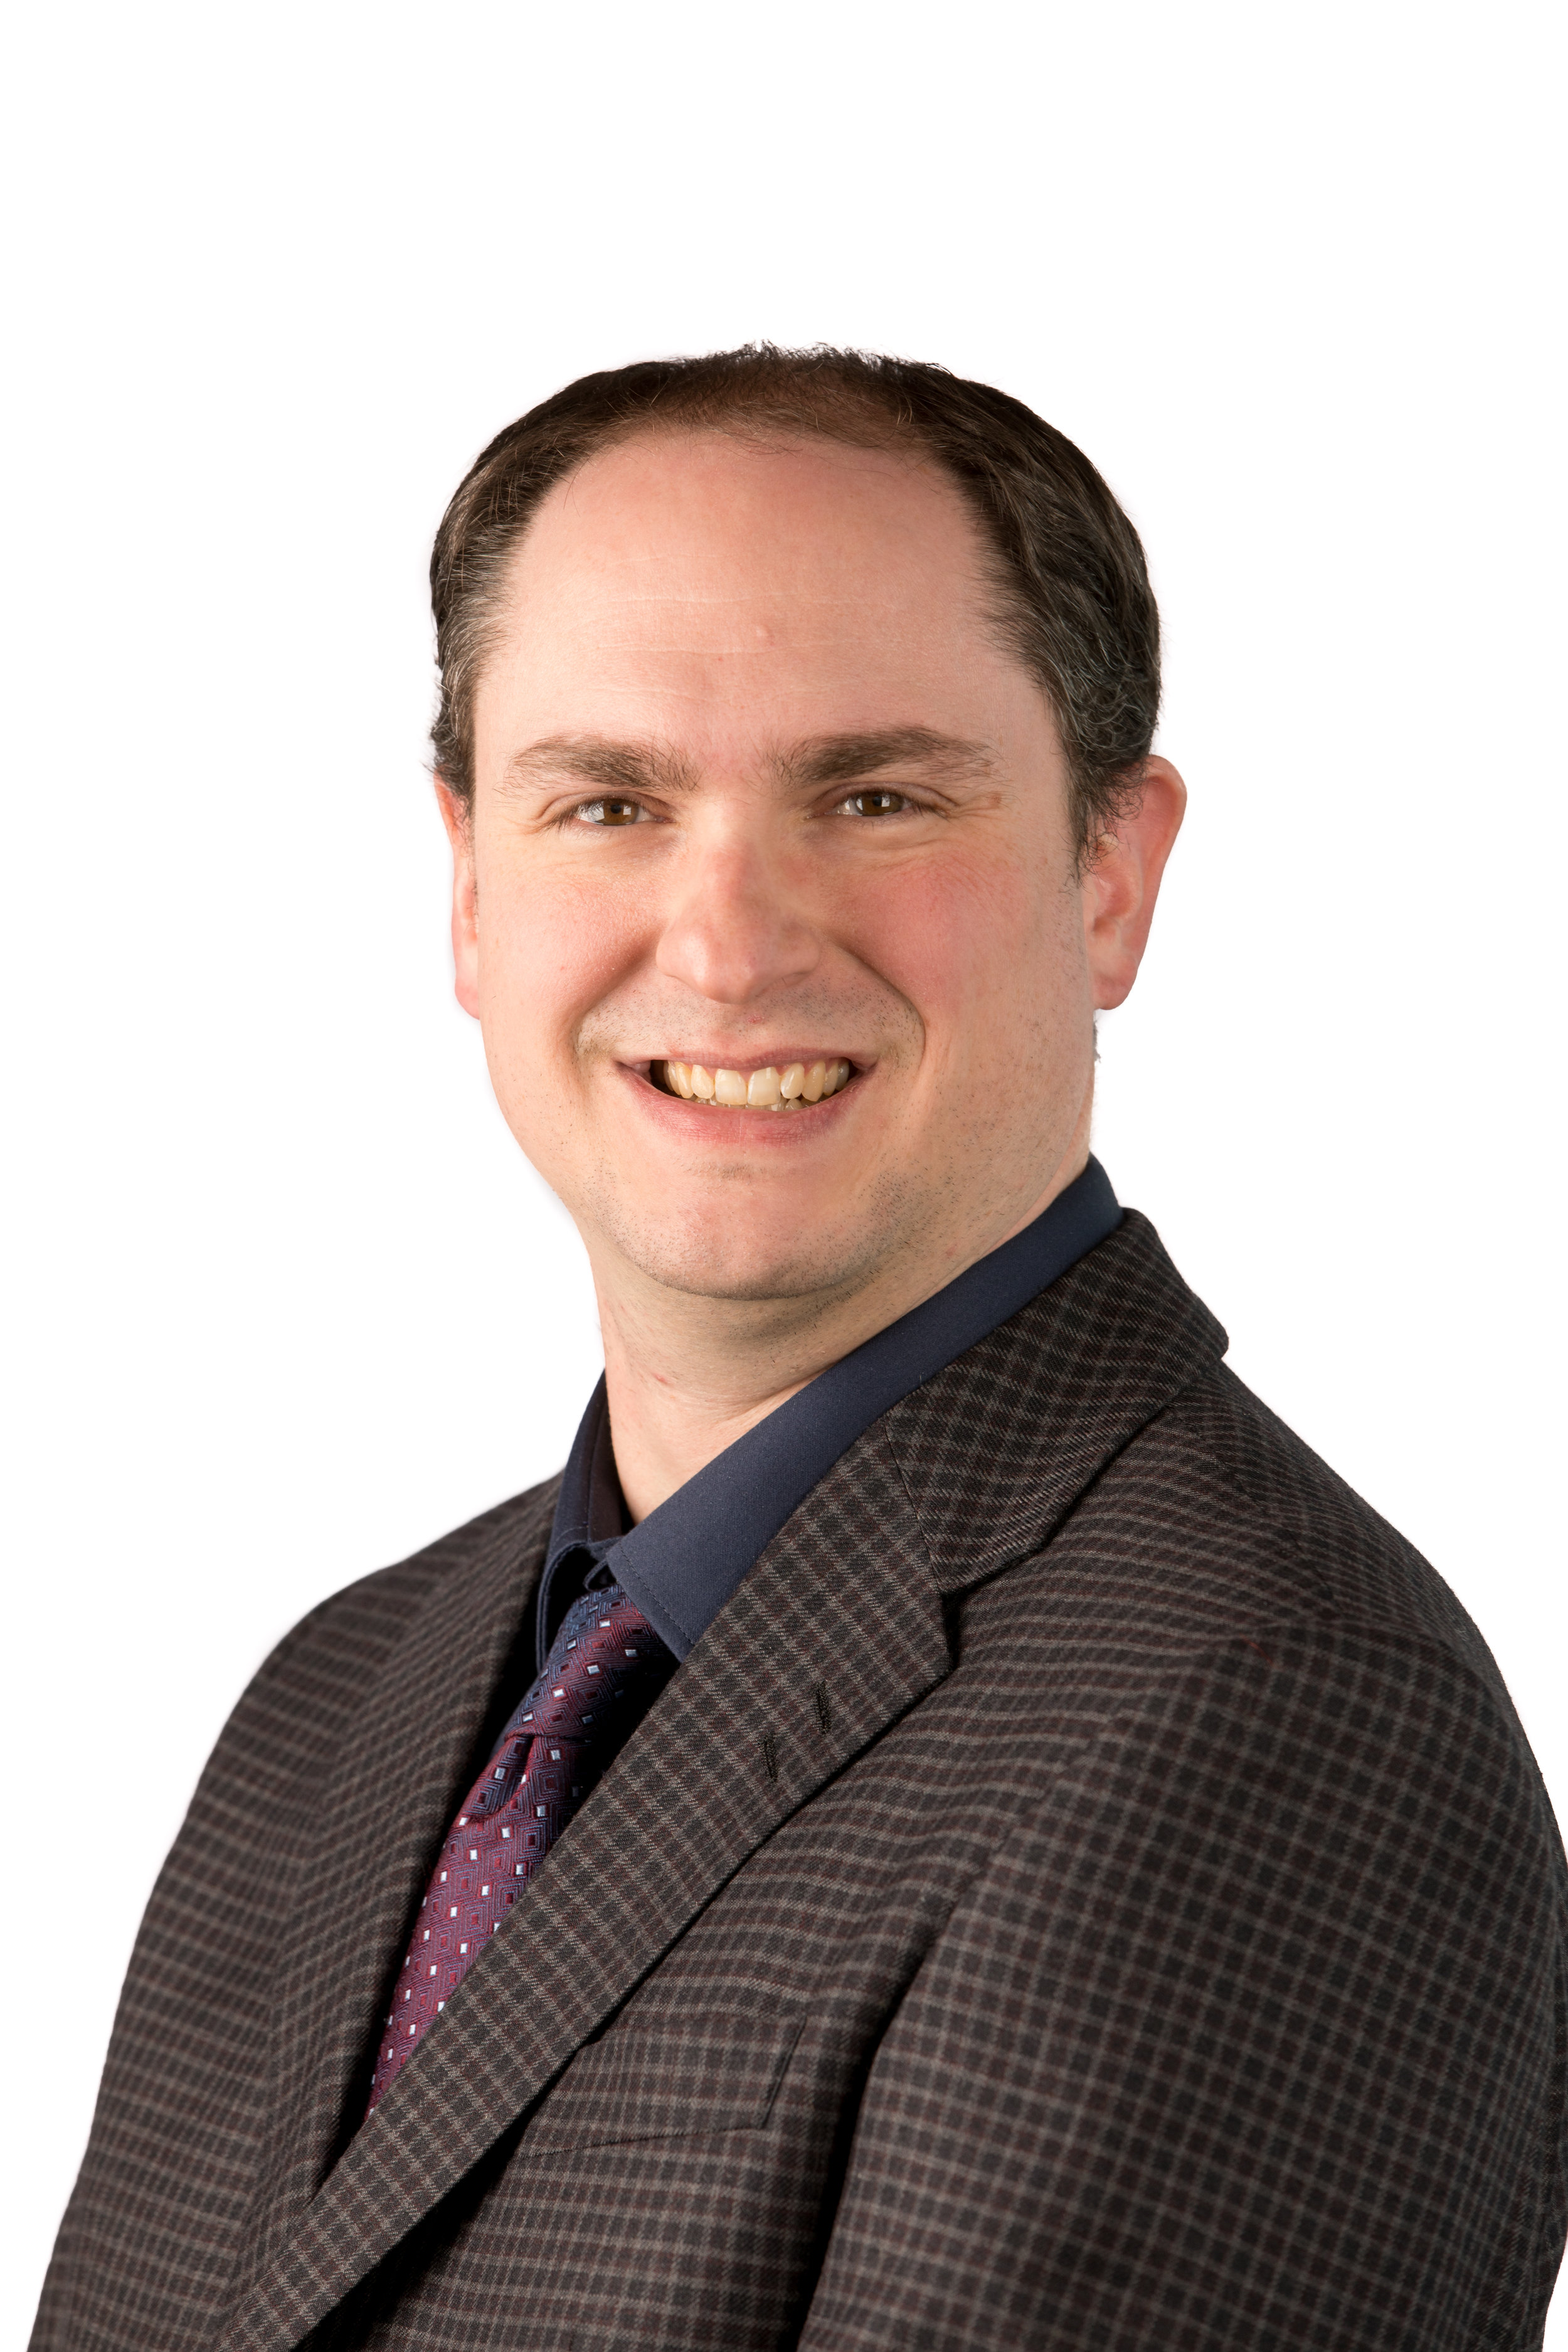 Chris Roedler, Volunteer and Resource Development Coordinator